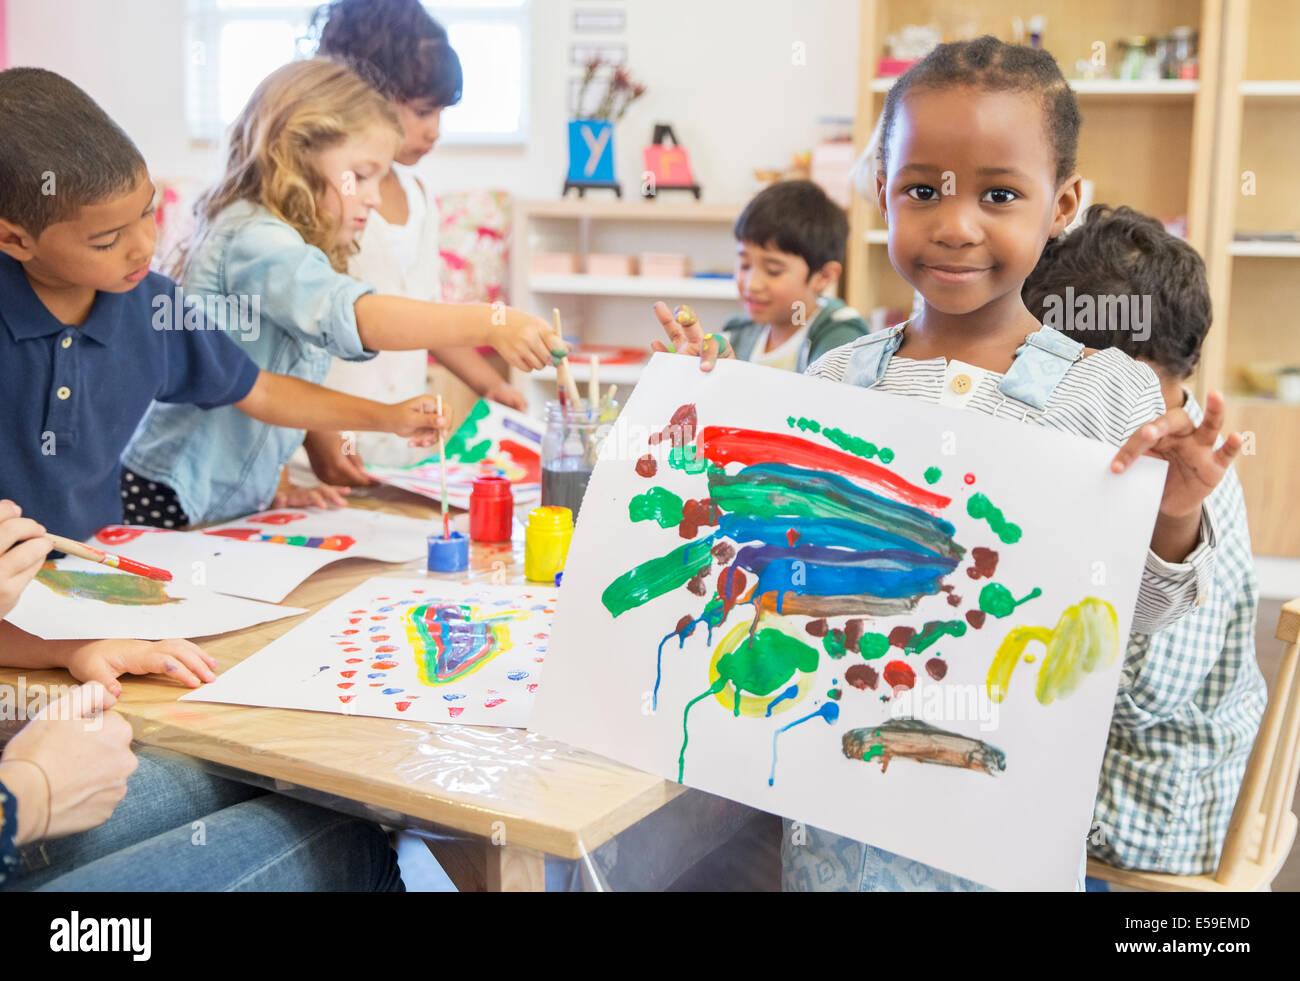 Montrer aux étudiants la peinture au doigt en classe Photo Stock